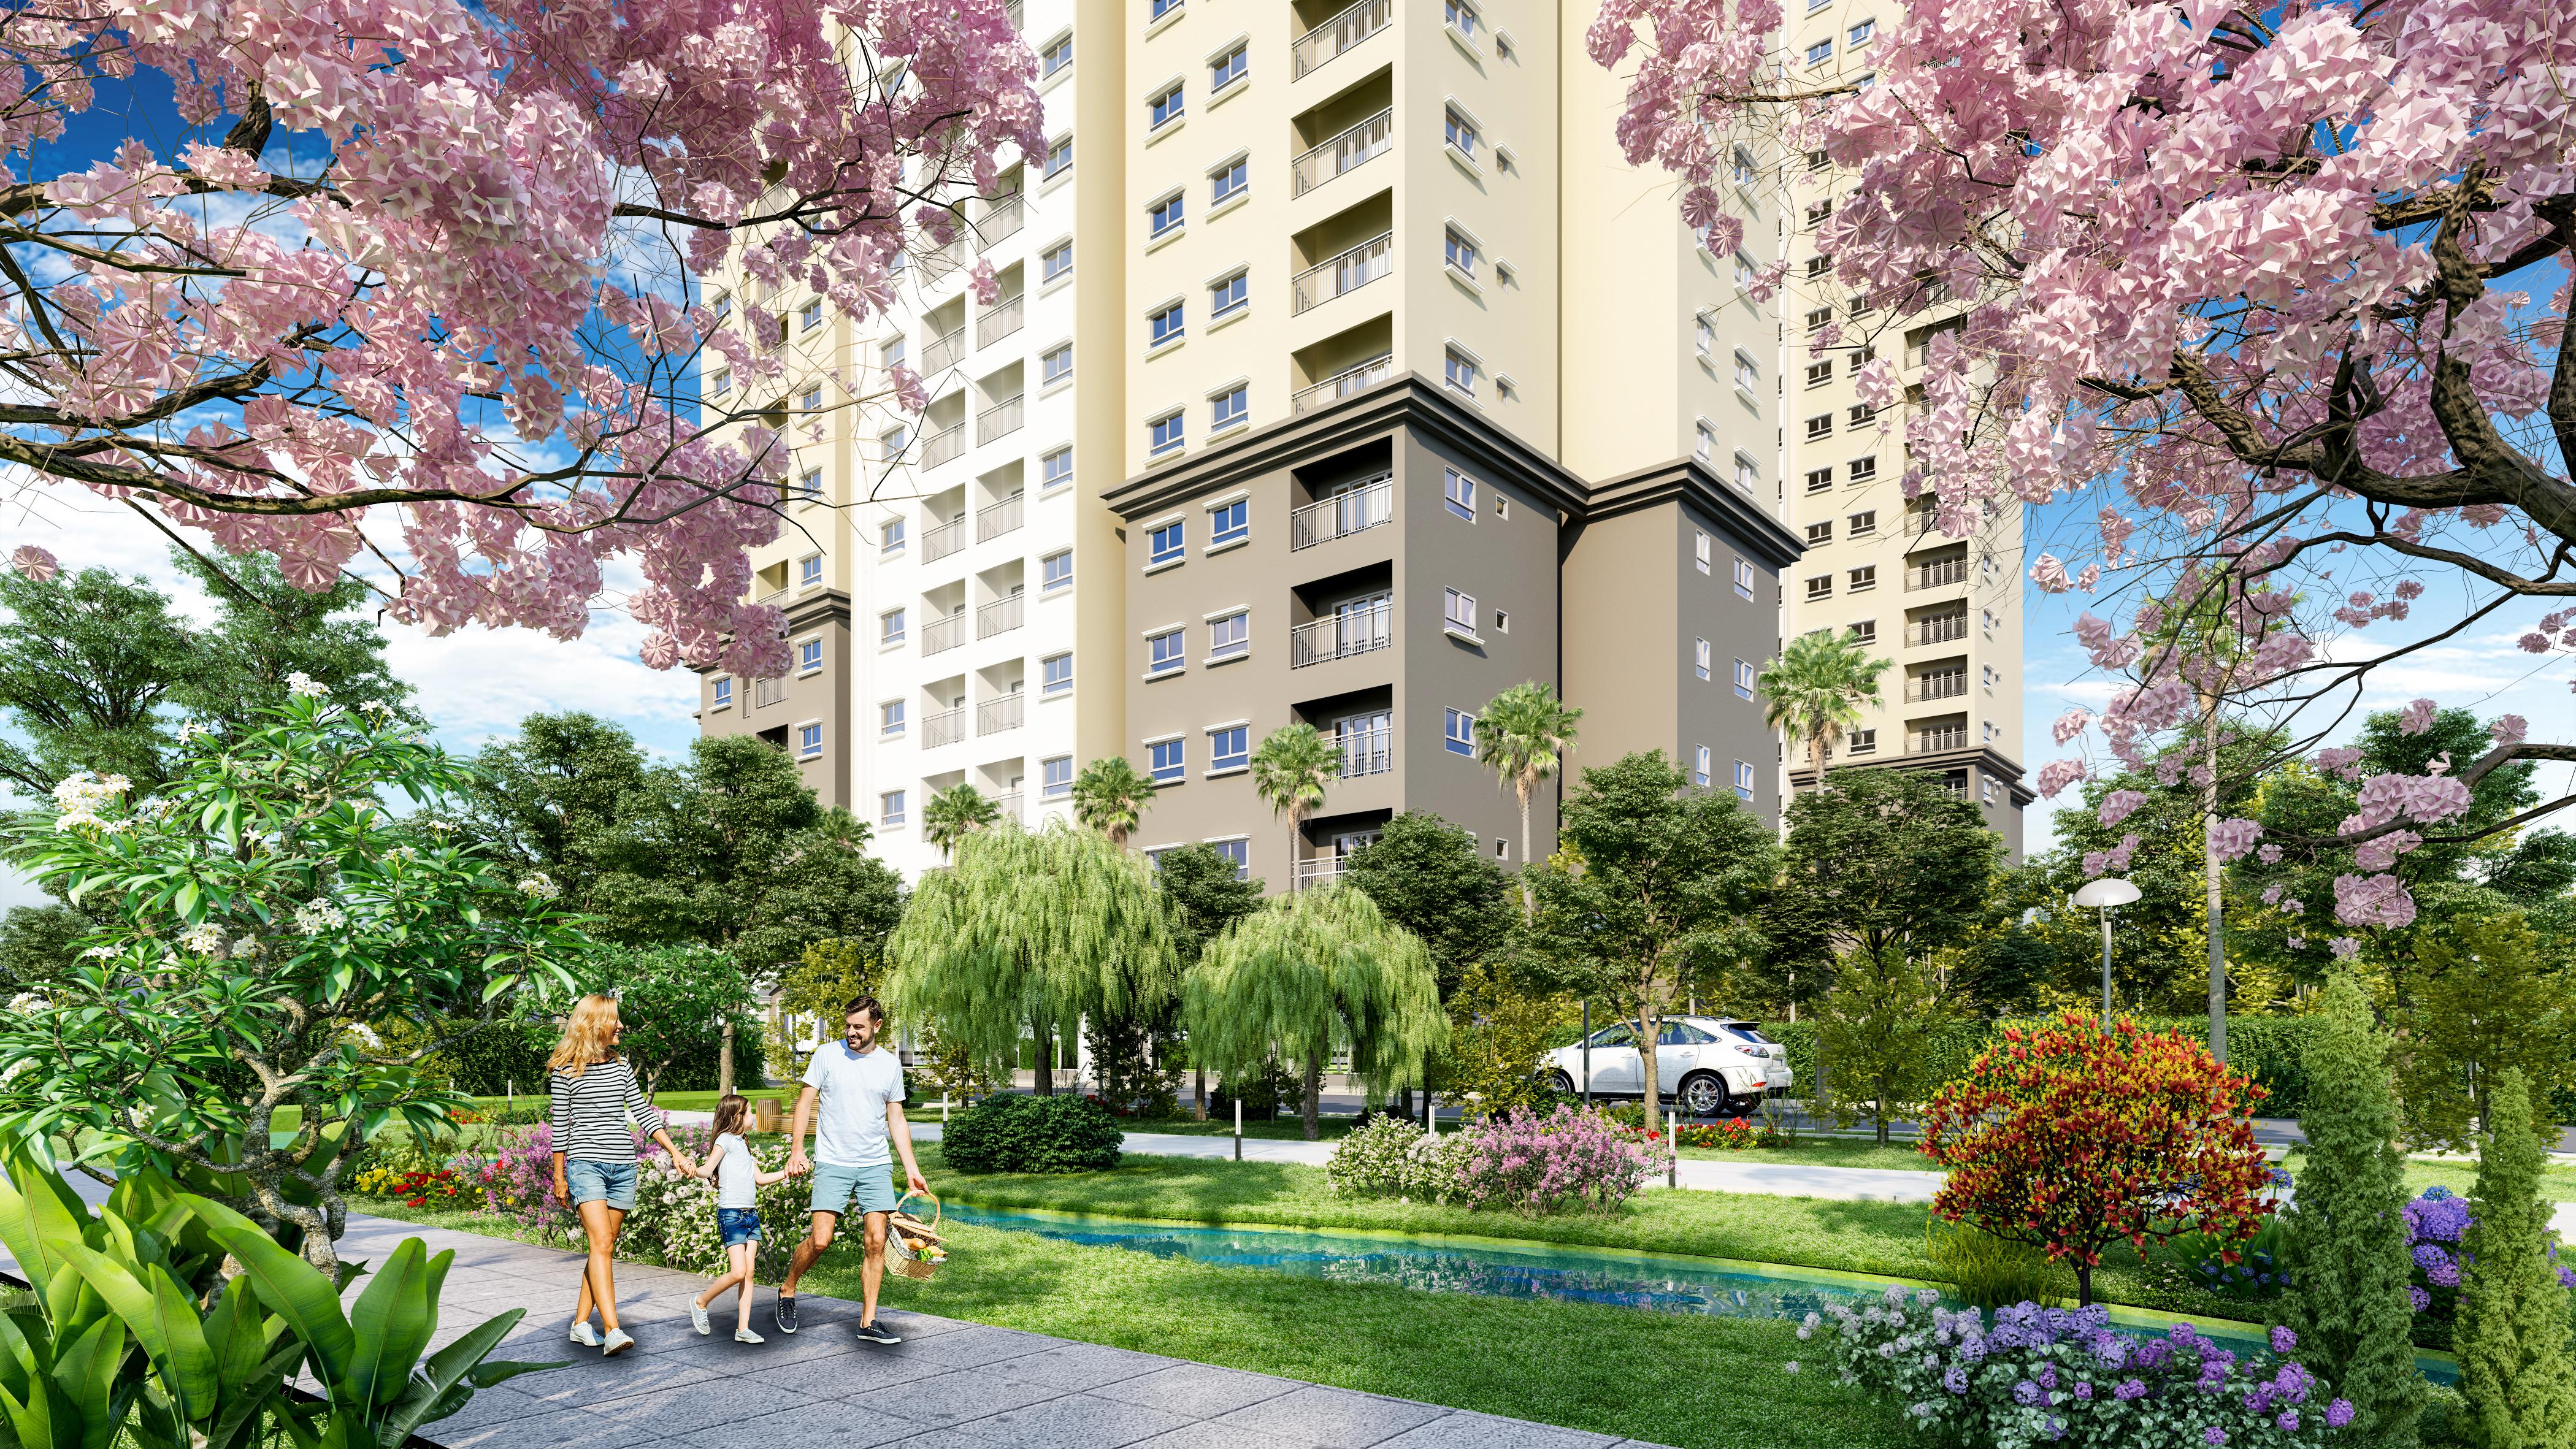 ベトナム・ビンズン新都市における第2弾となるマンションプロジェクトMIDORI PARK「The VIEW」が販売開始